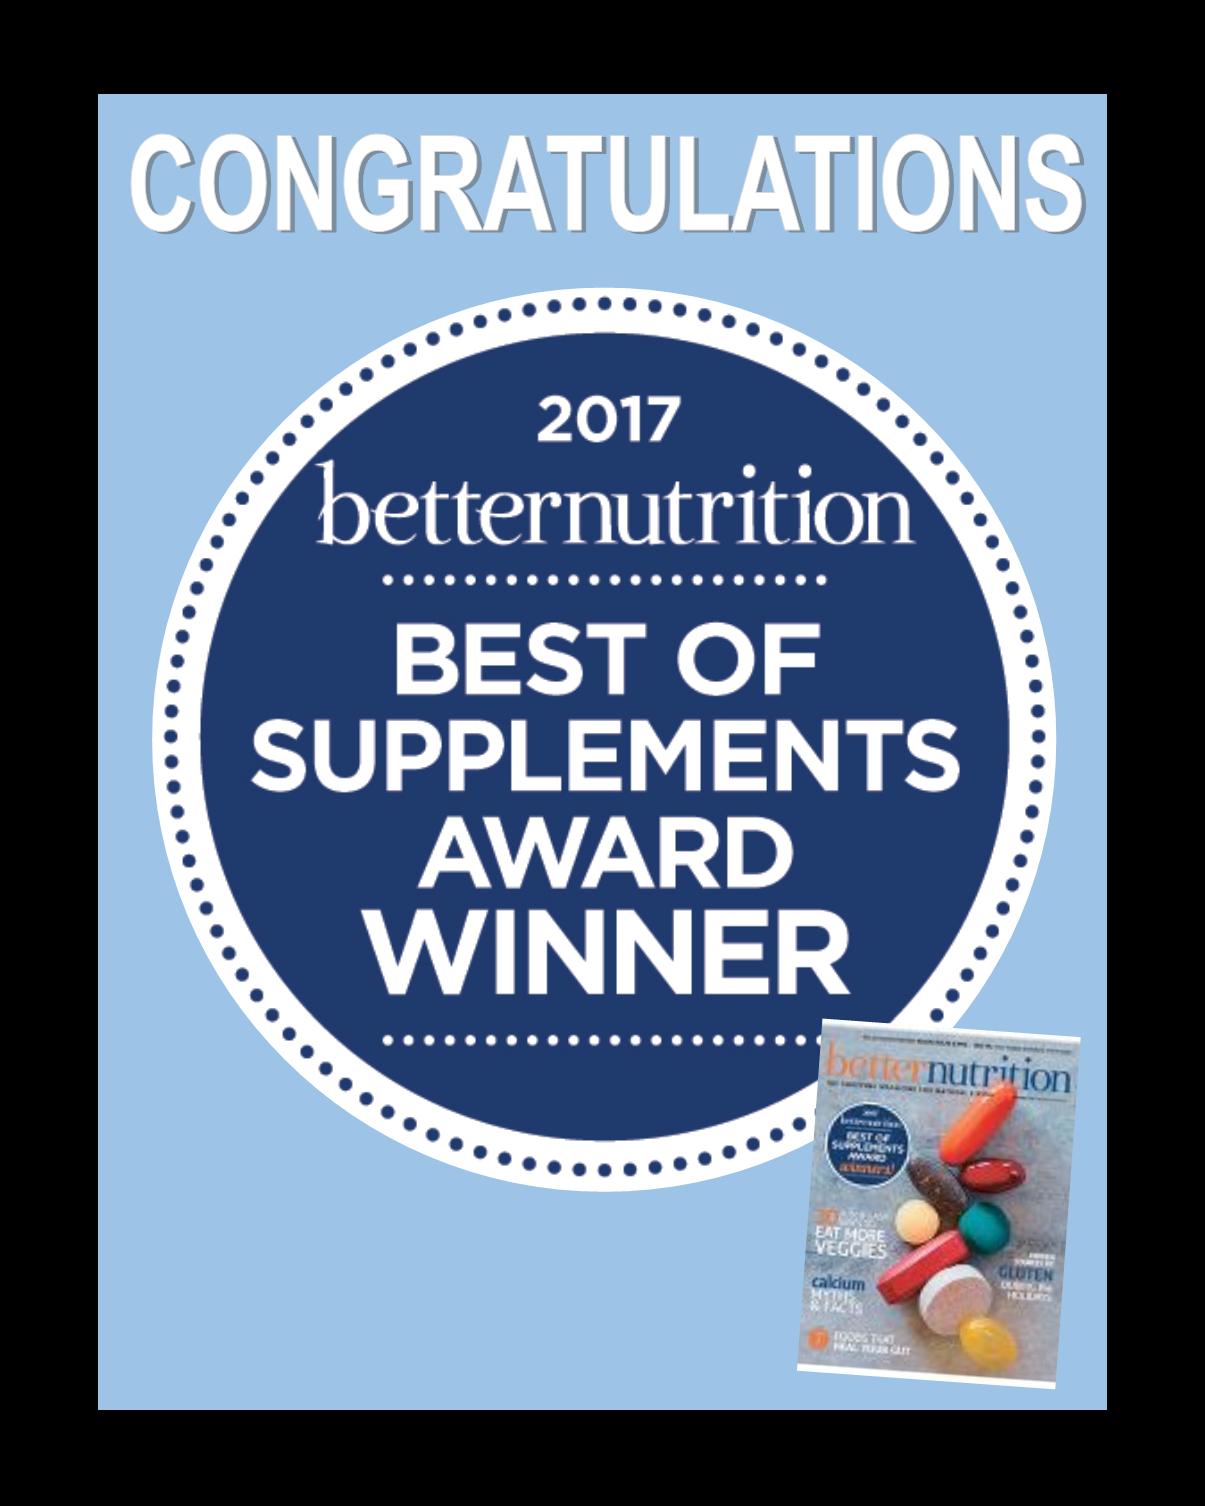 Best Supplement Award 2017